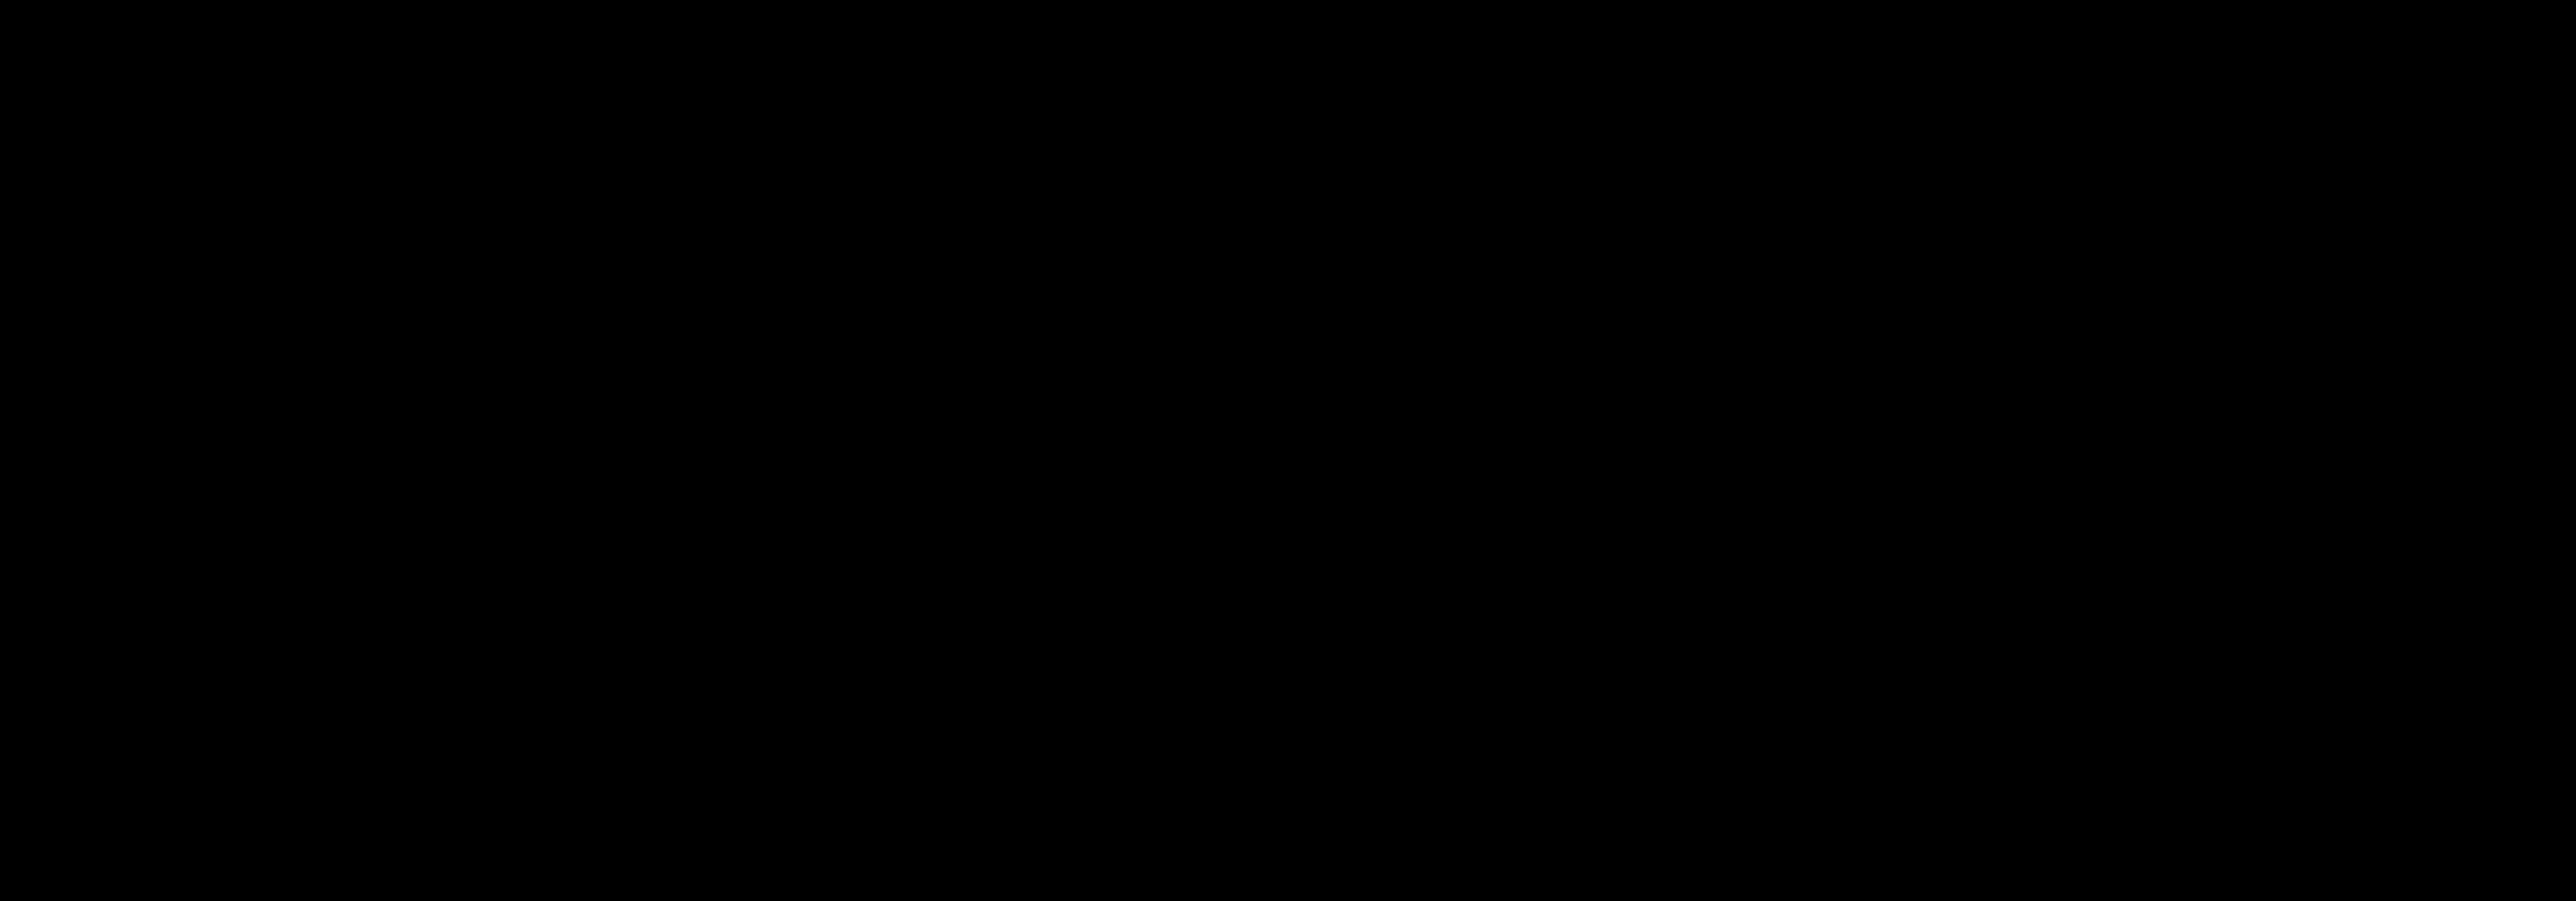 SSET_talks-LOGO_all black-1